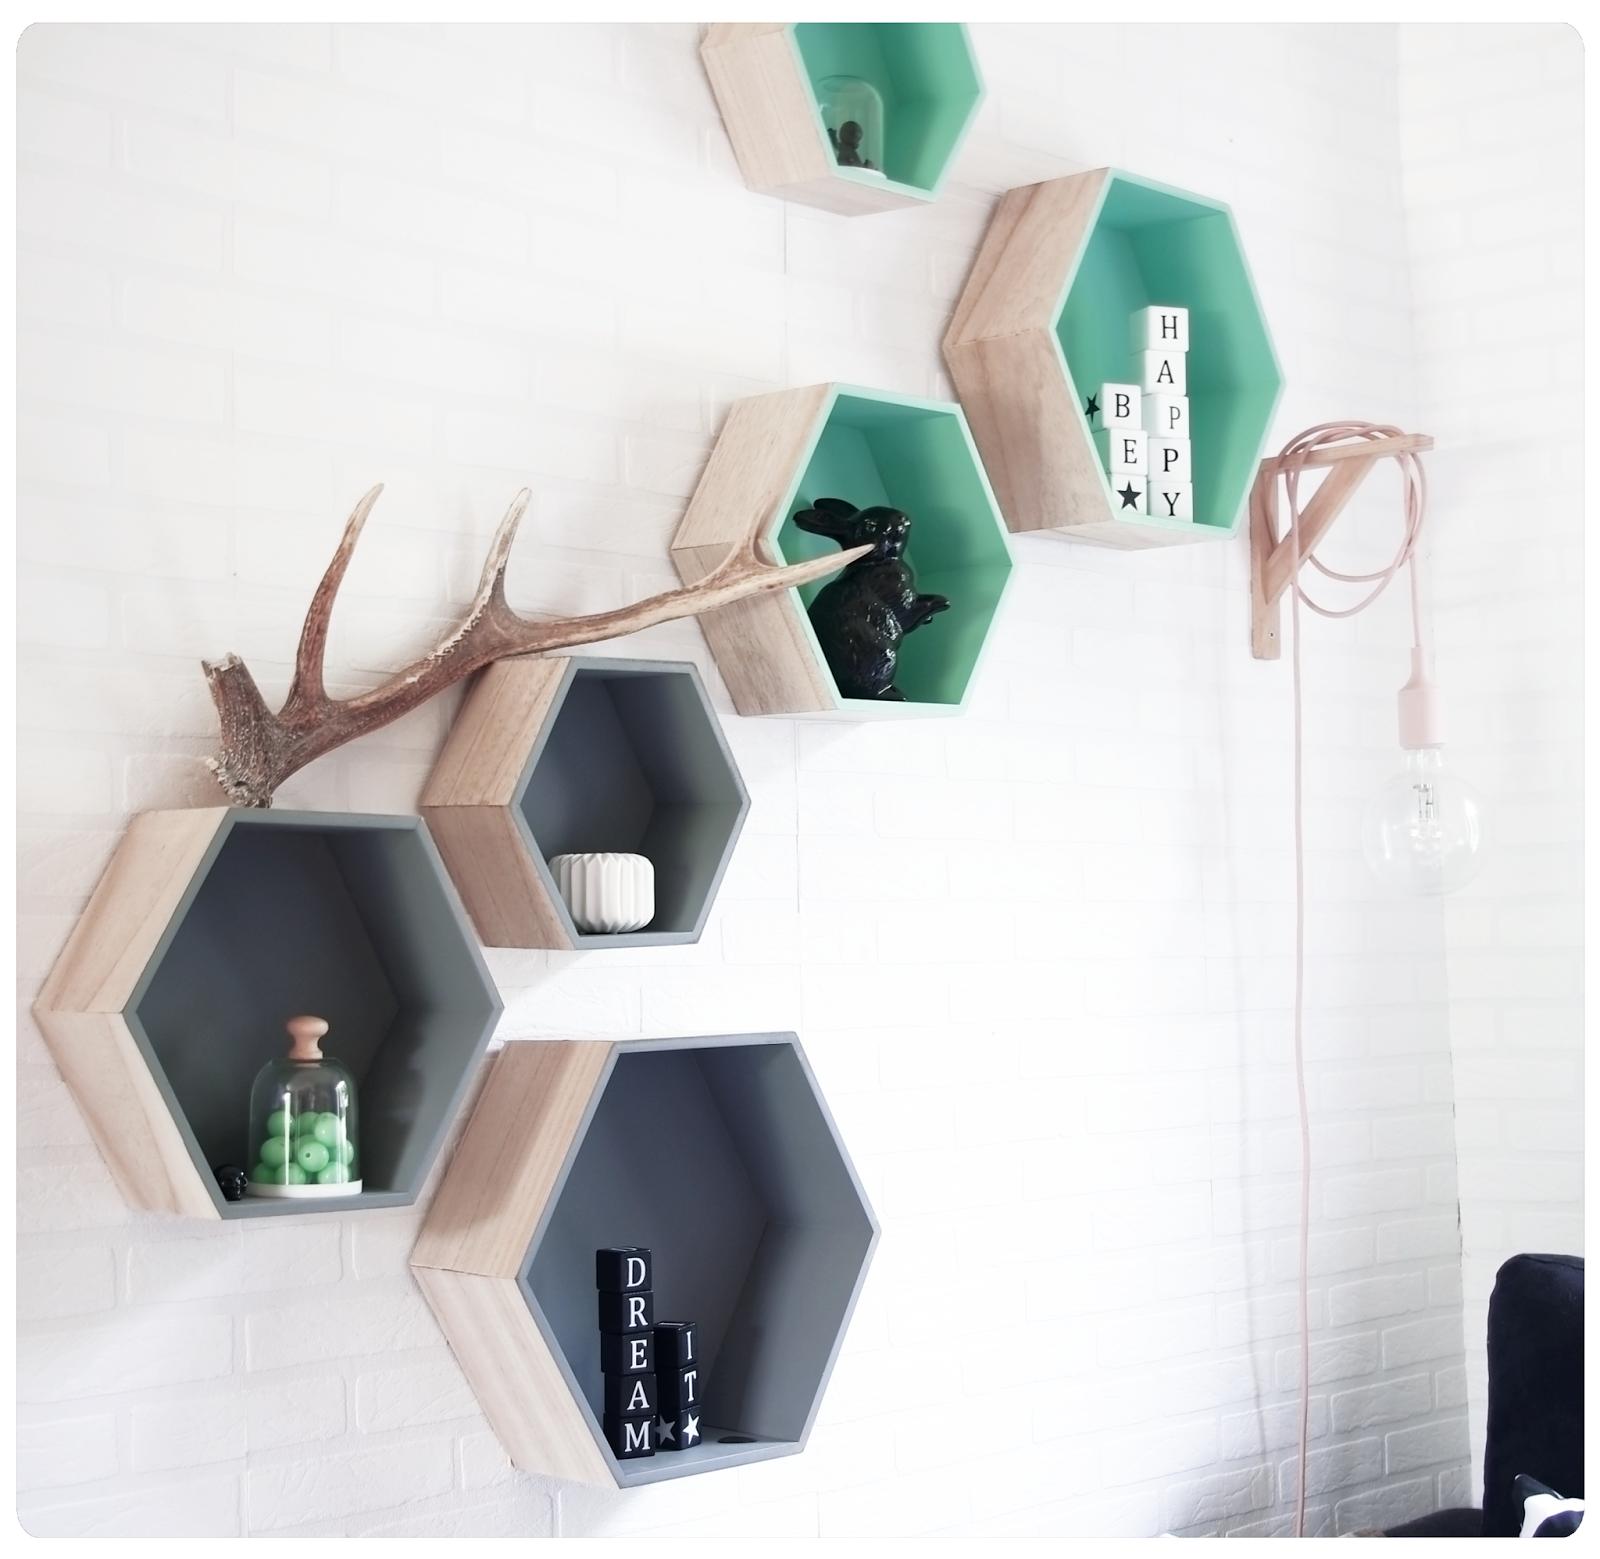 DIY : Une étagère géométrique chez soi   MySweetDeco